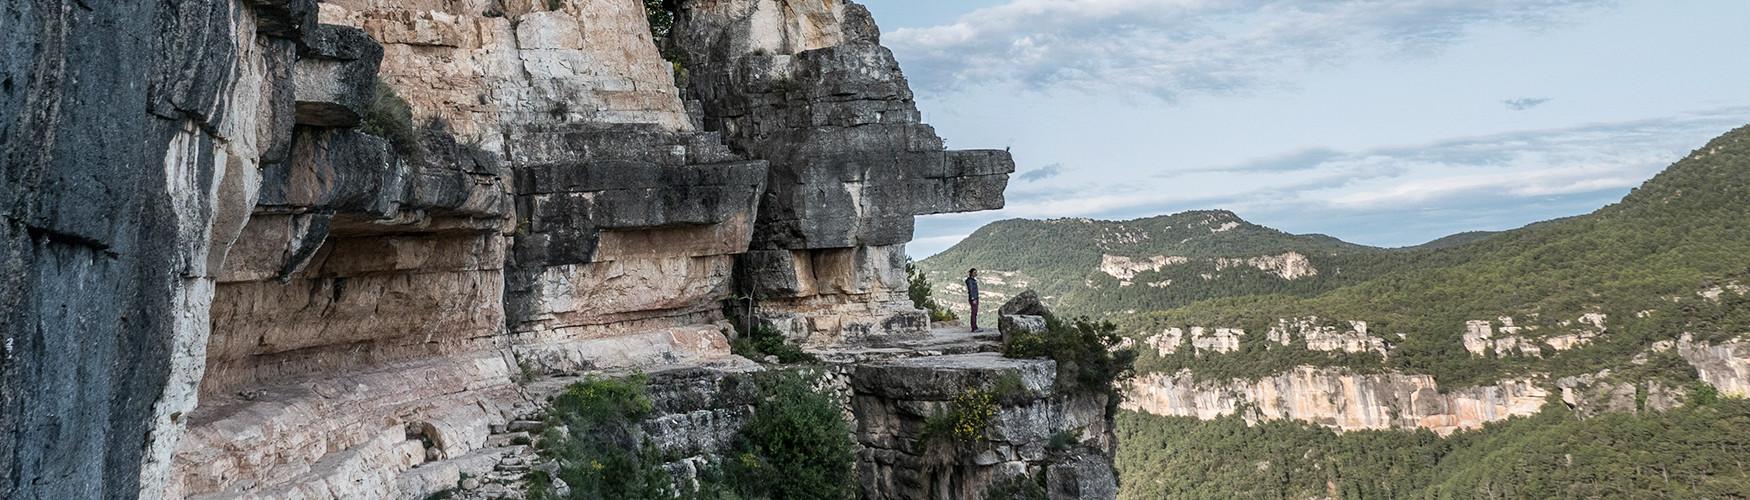 Kletterreise Spanien